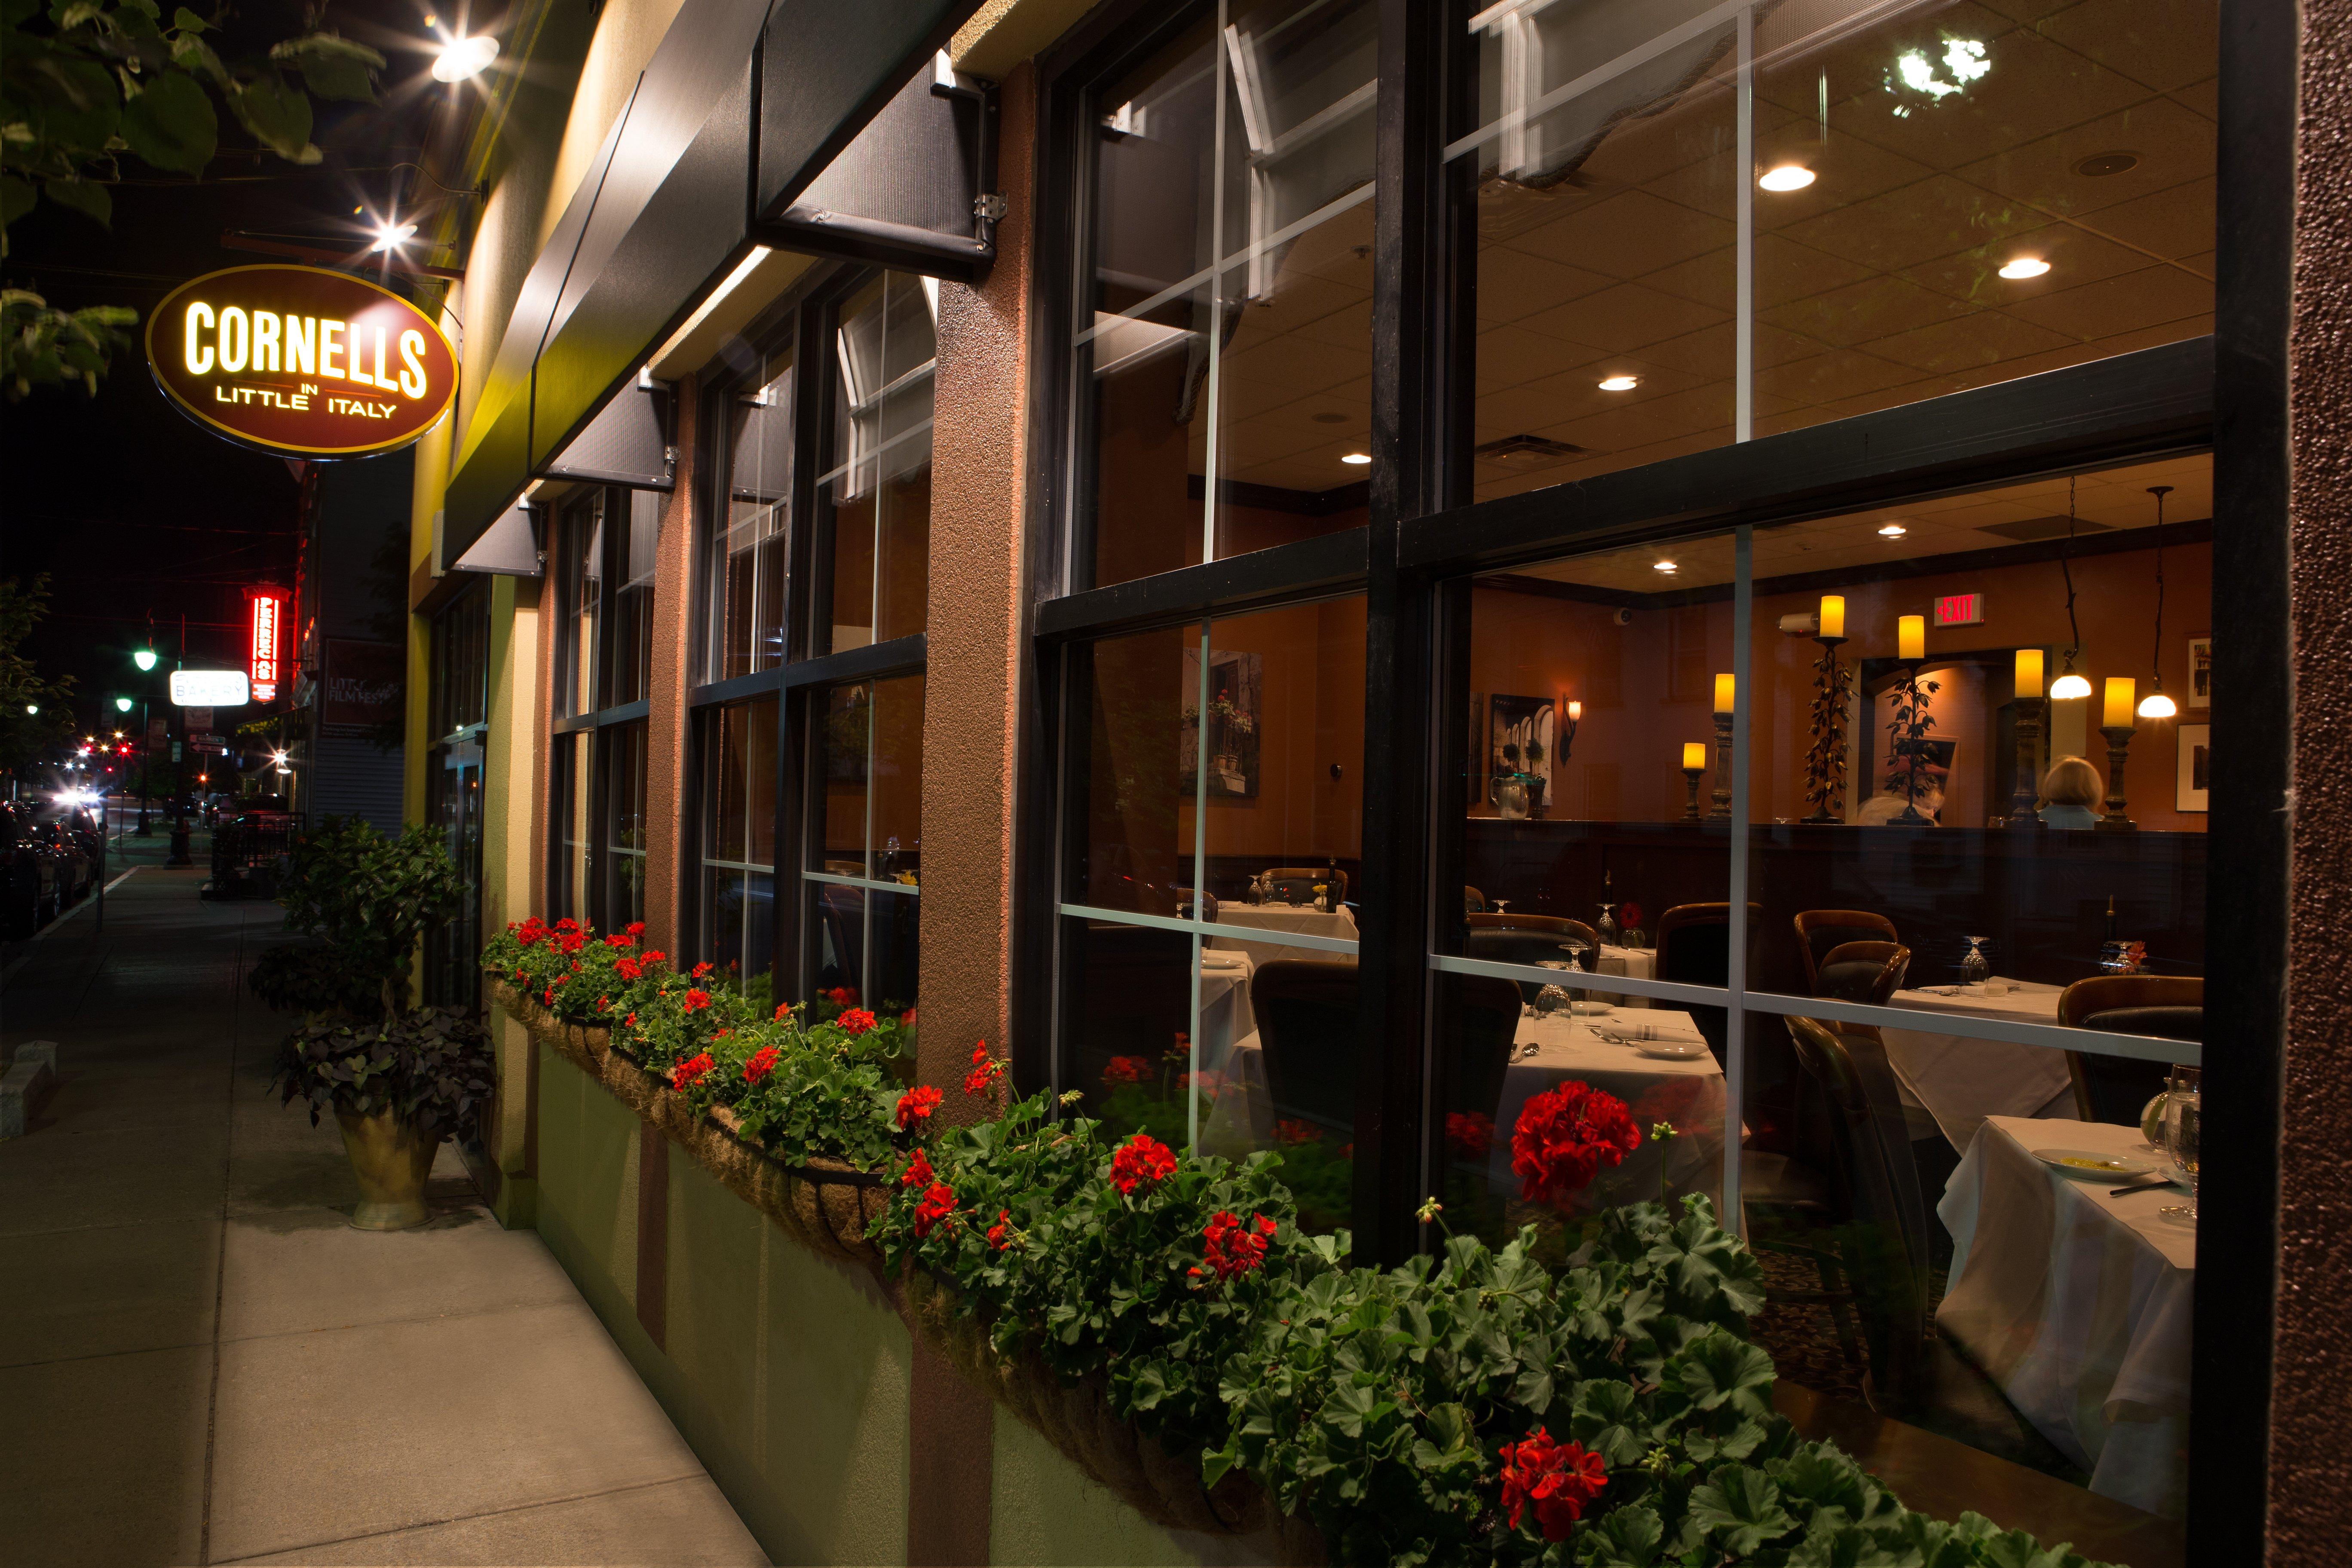 Italian Cuisine Schenectady, NY